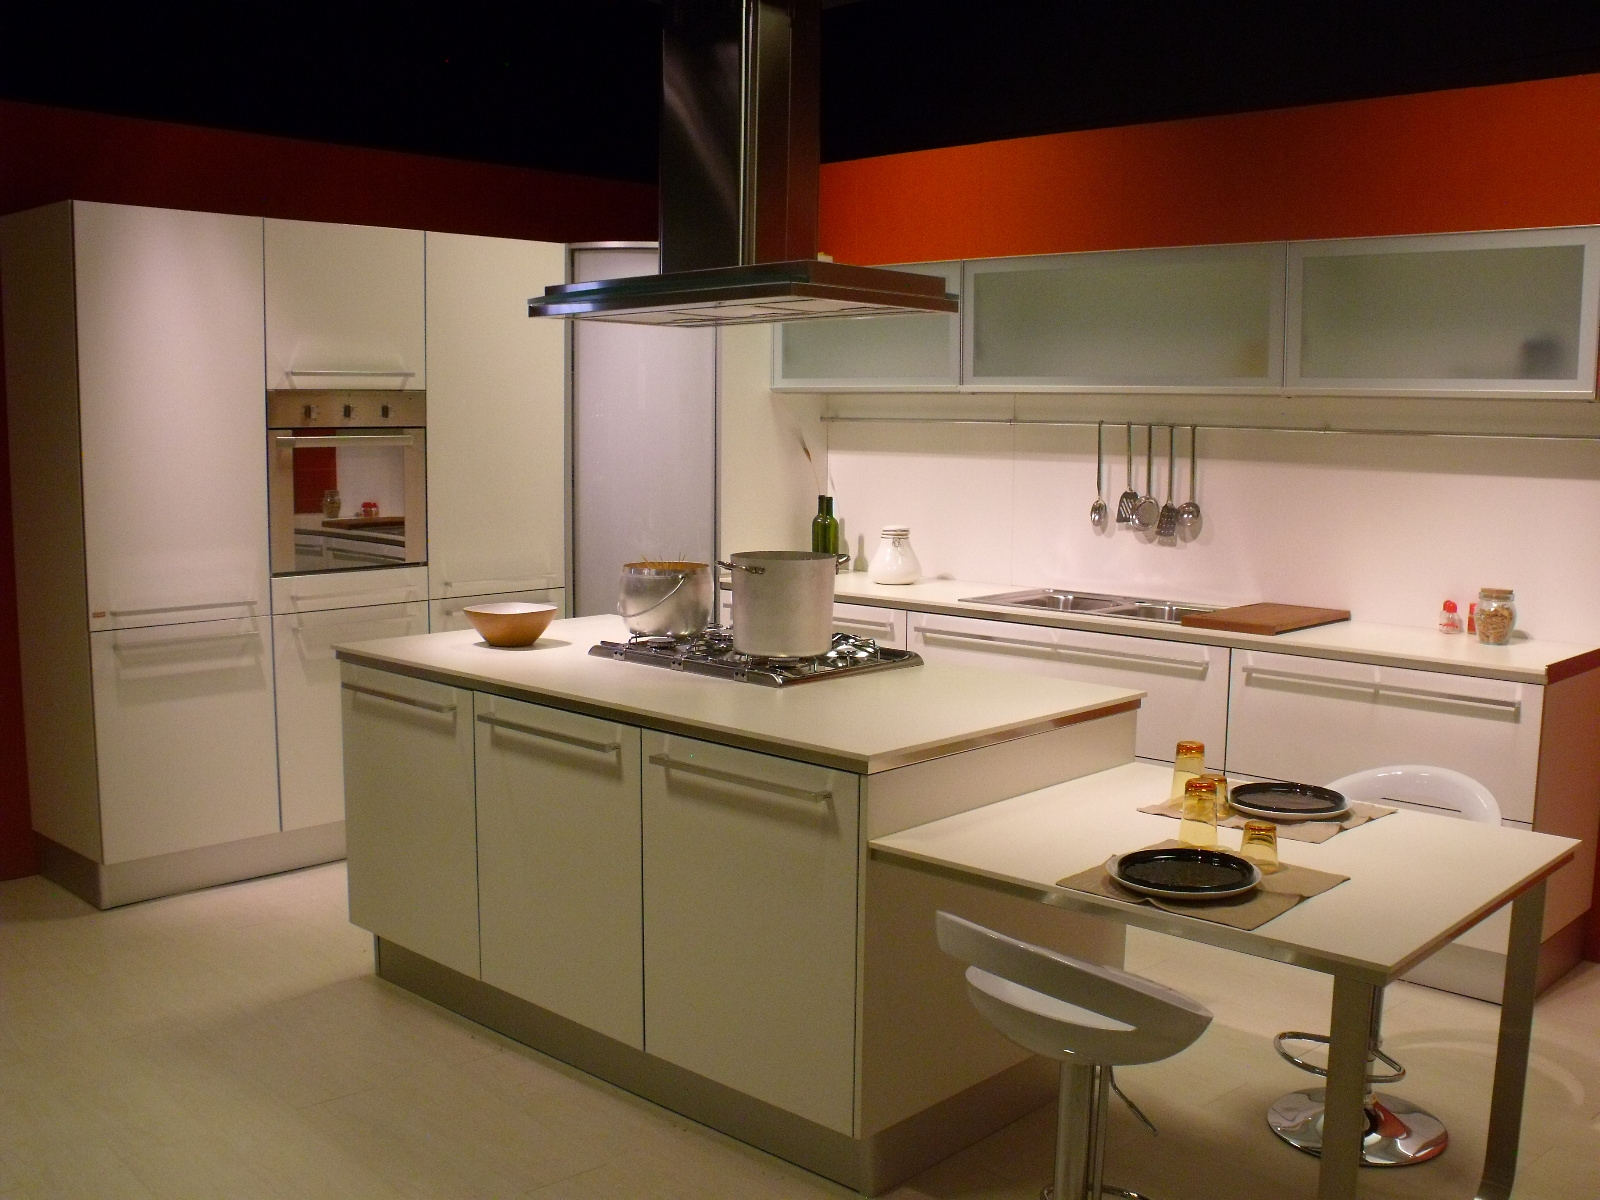 Disegnare una cucina scegli il modello with disegnare una - Disegnare cucina ikea ...